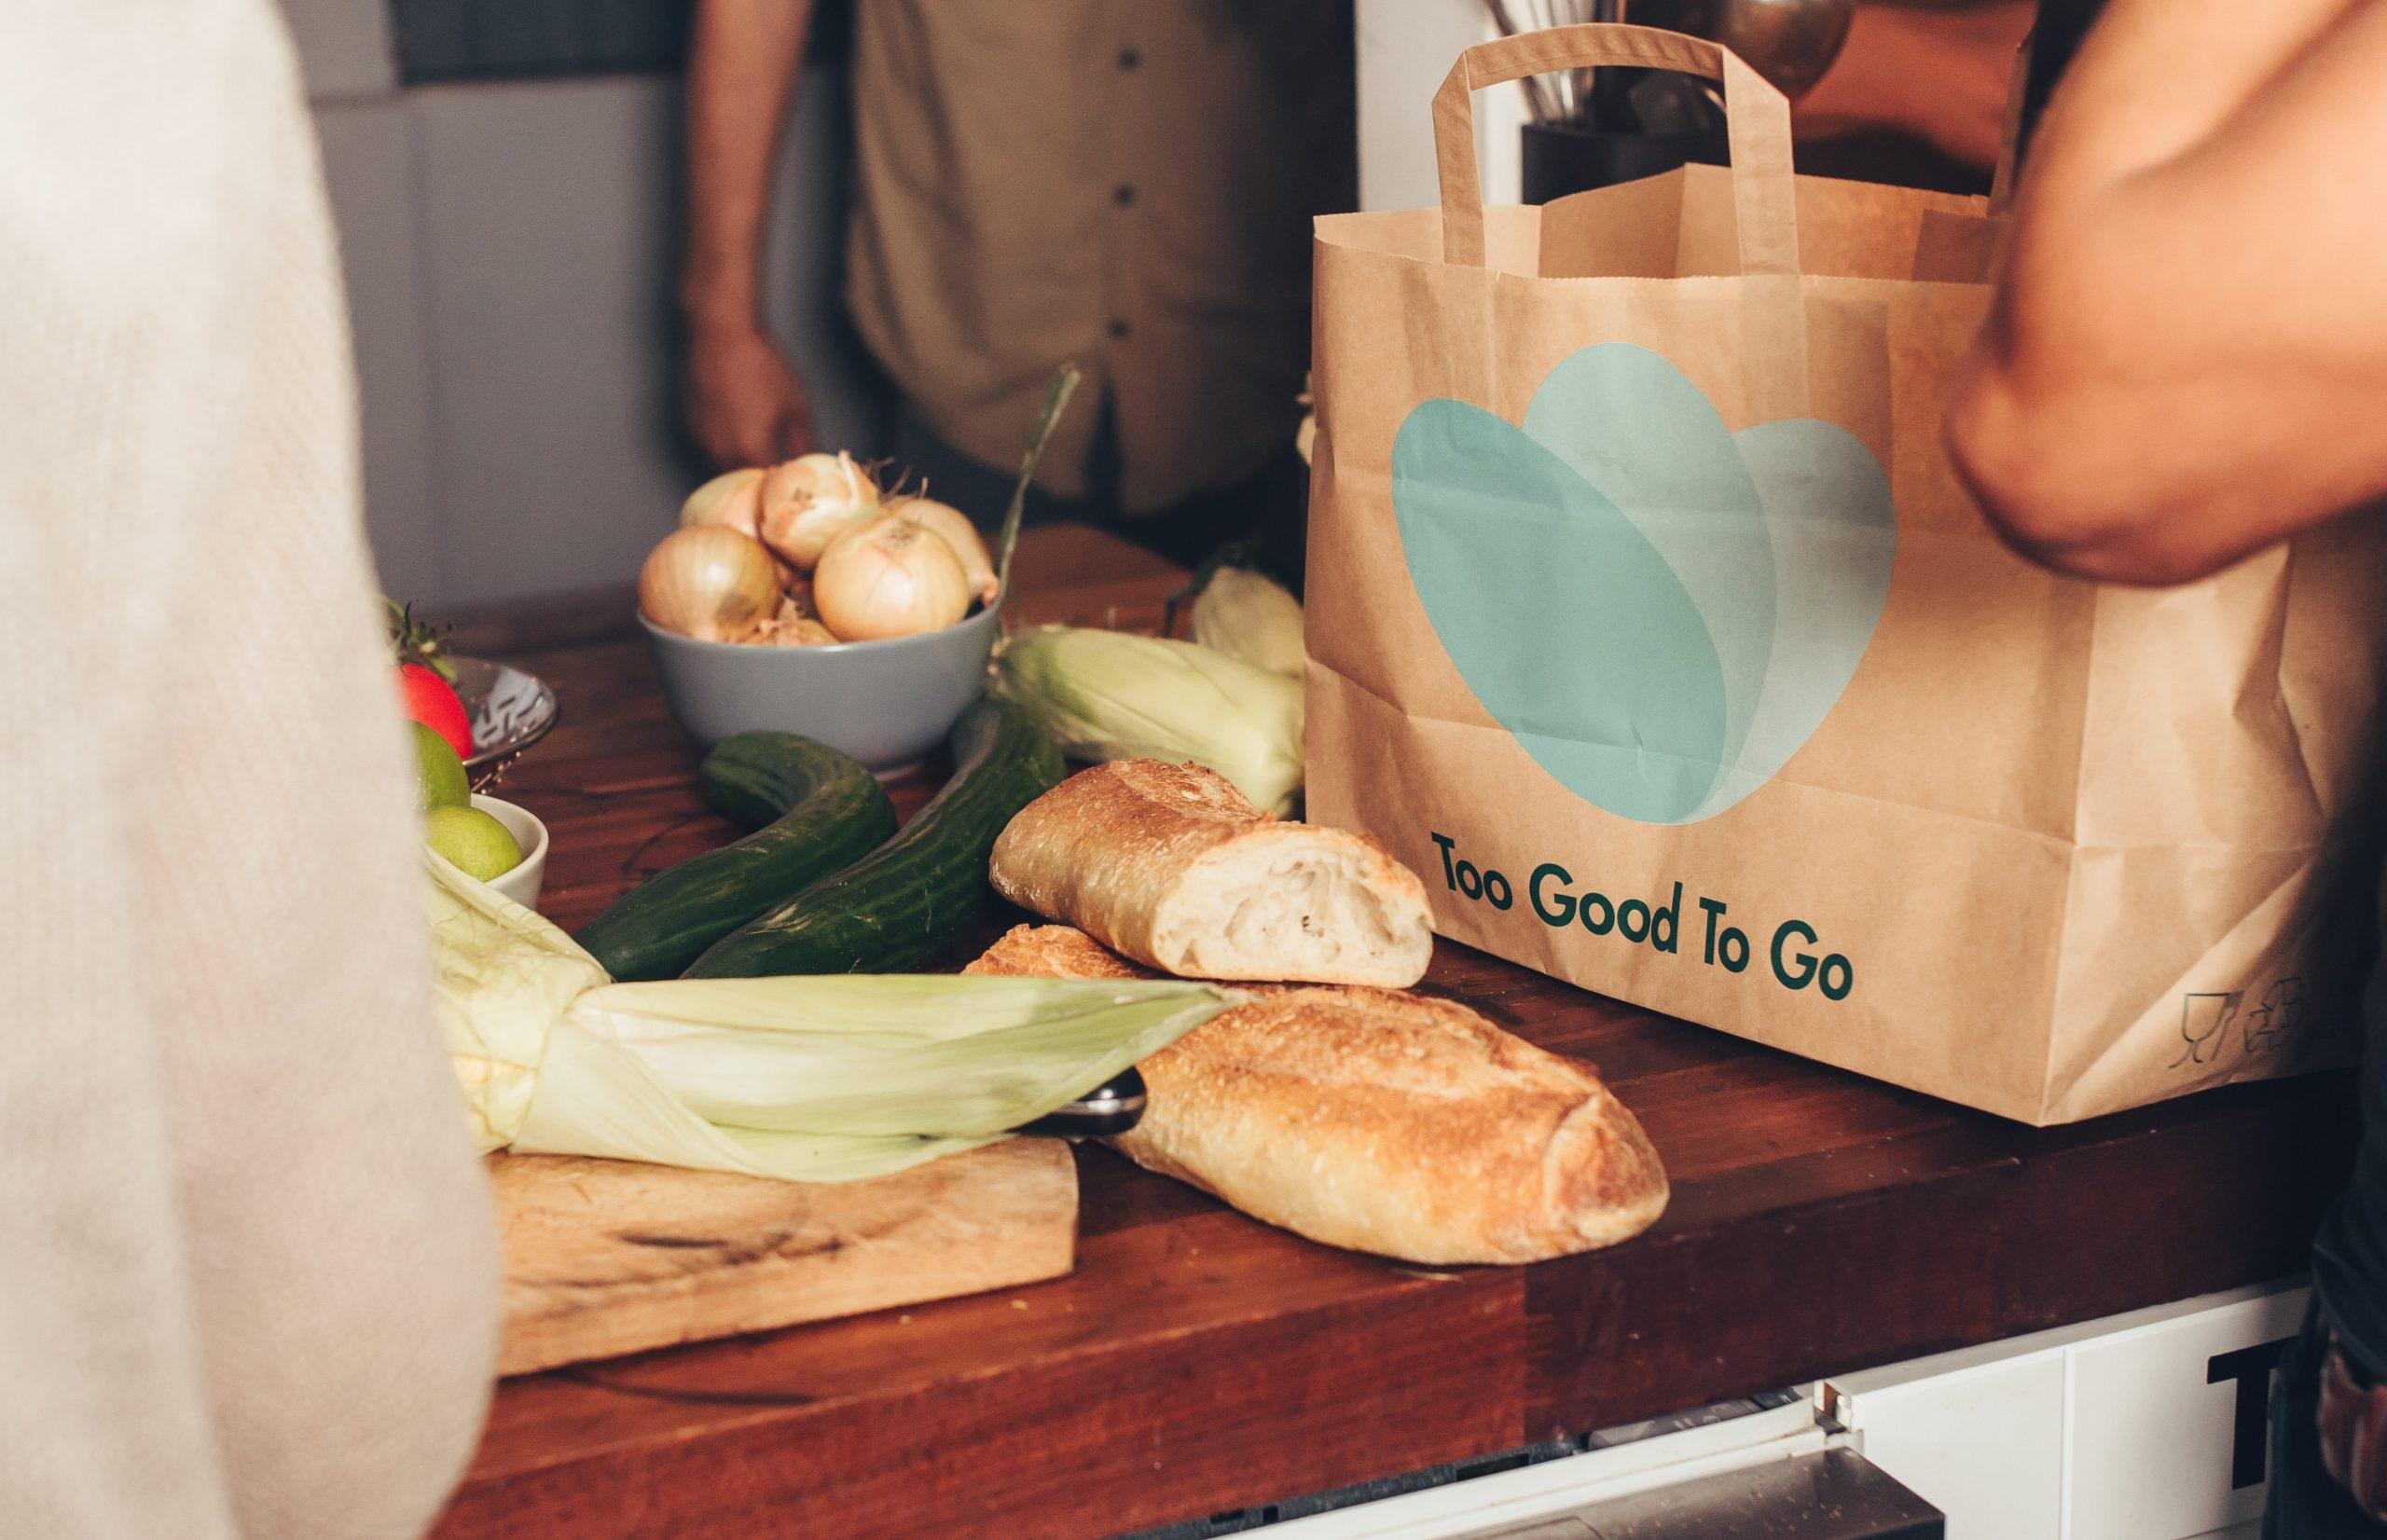 1 Combattere Lo Spreco Alimentare Con Too Good To Go (1)